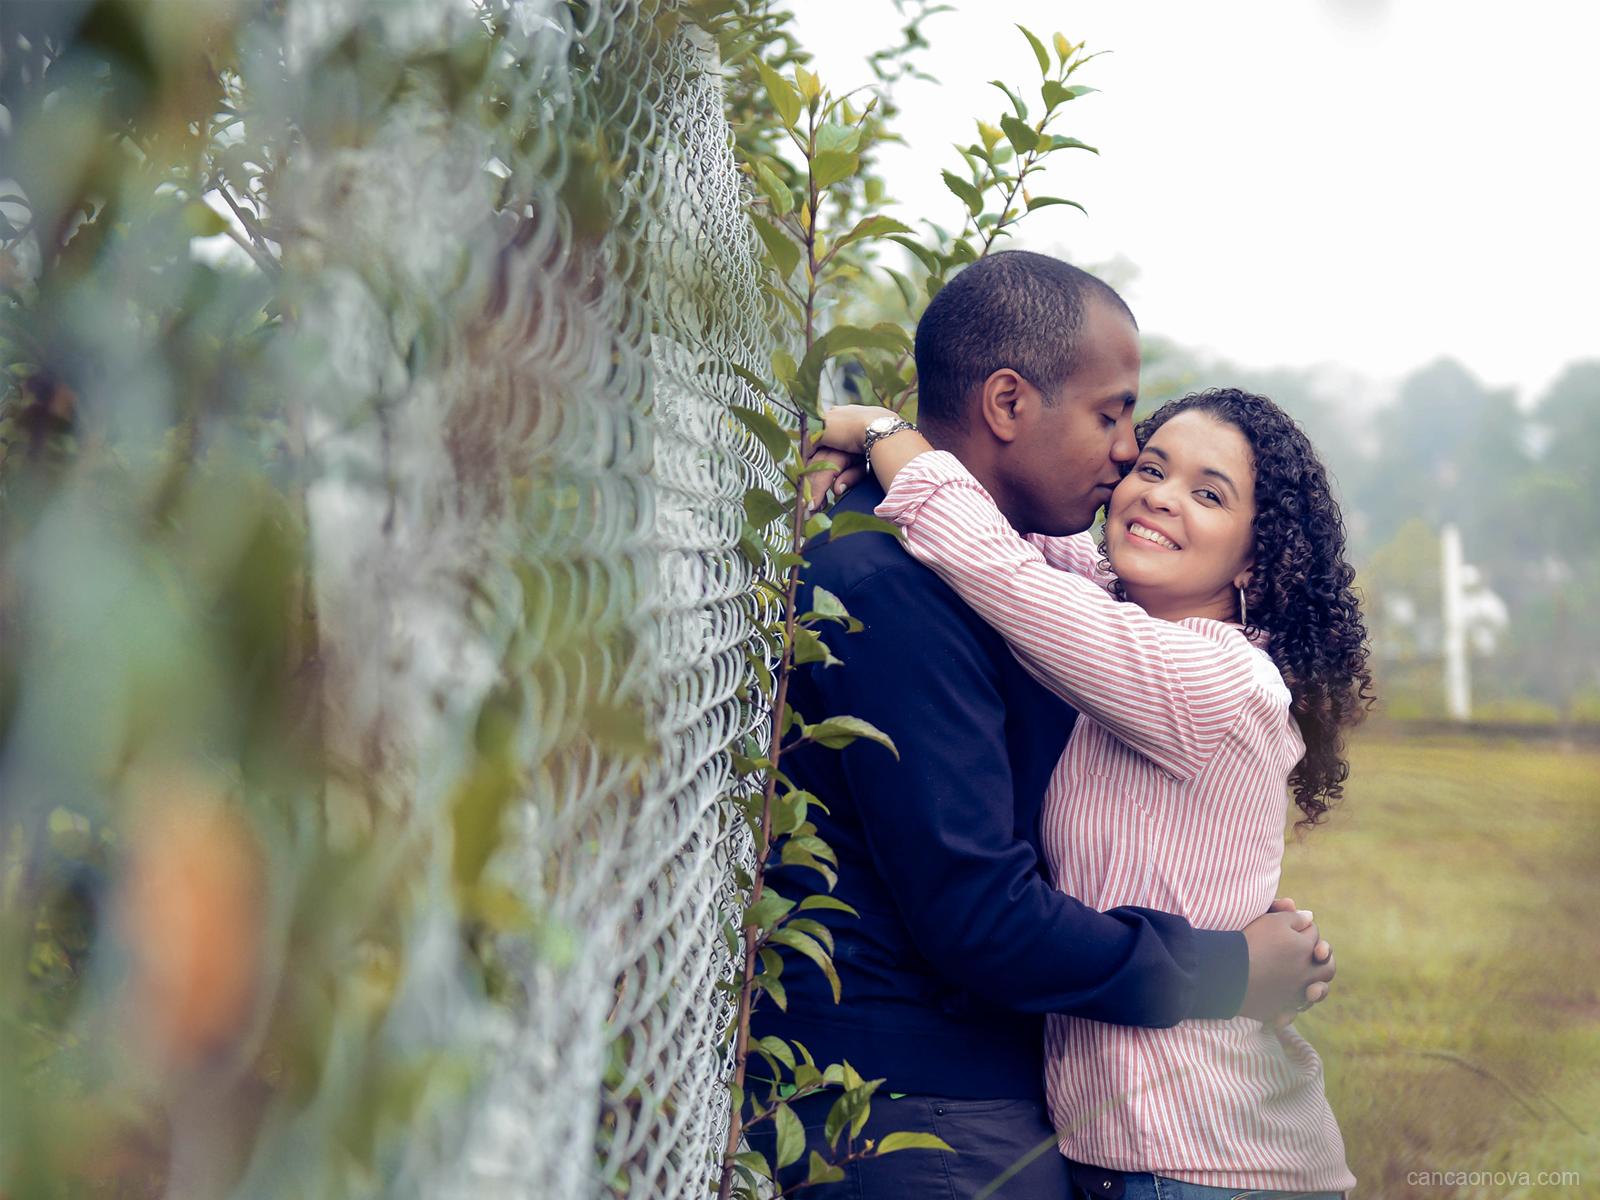 O casamento deve iniciar em um namoro equilibrado